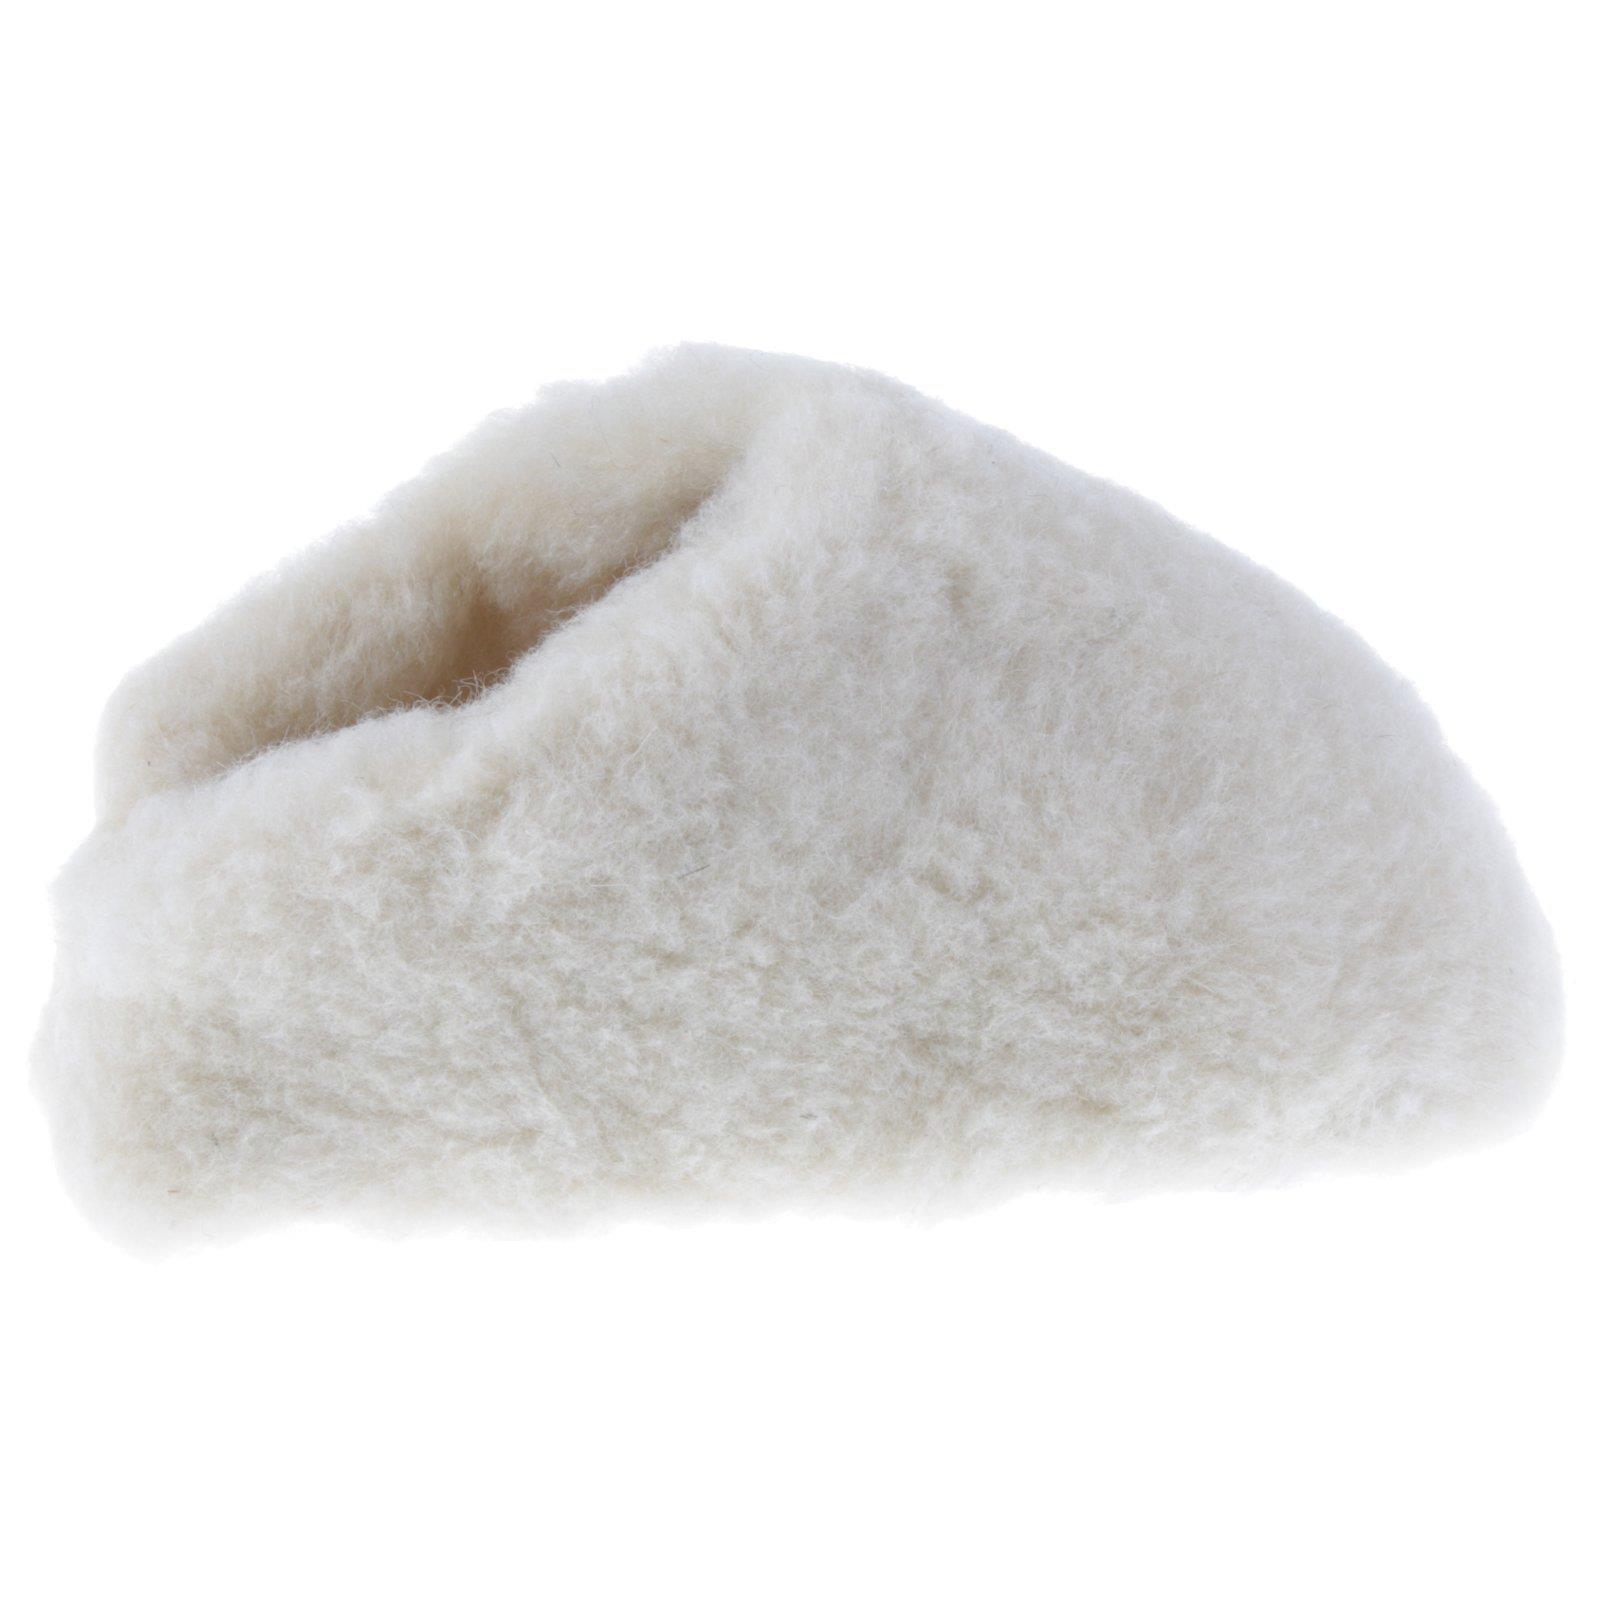 Lammfell-Hausschuhe-Pantoffel-Puschen-Schlappen-Slipper-Pluesch-Unisex-37-46 Indexbild 28